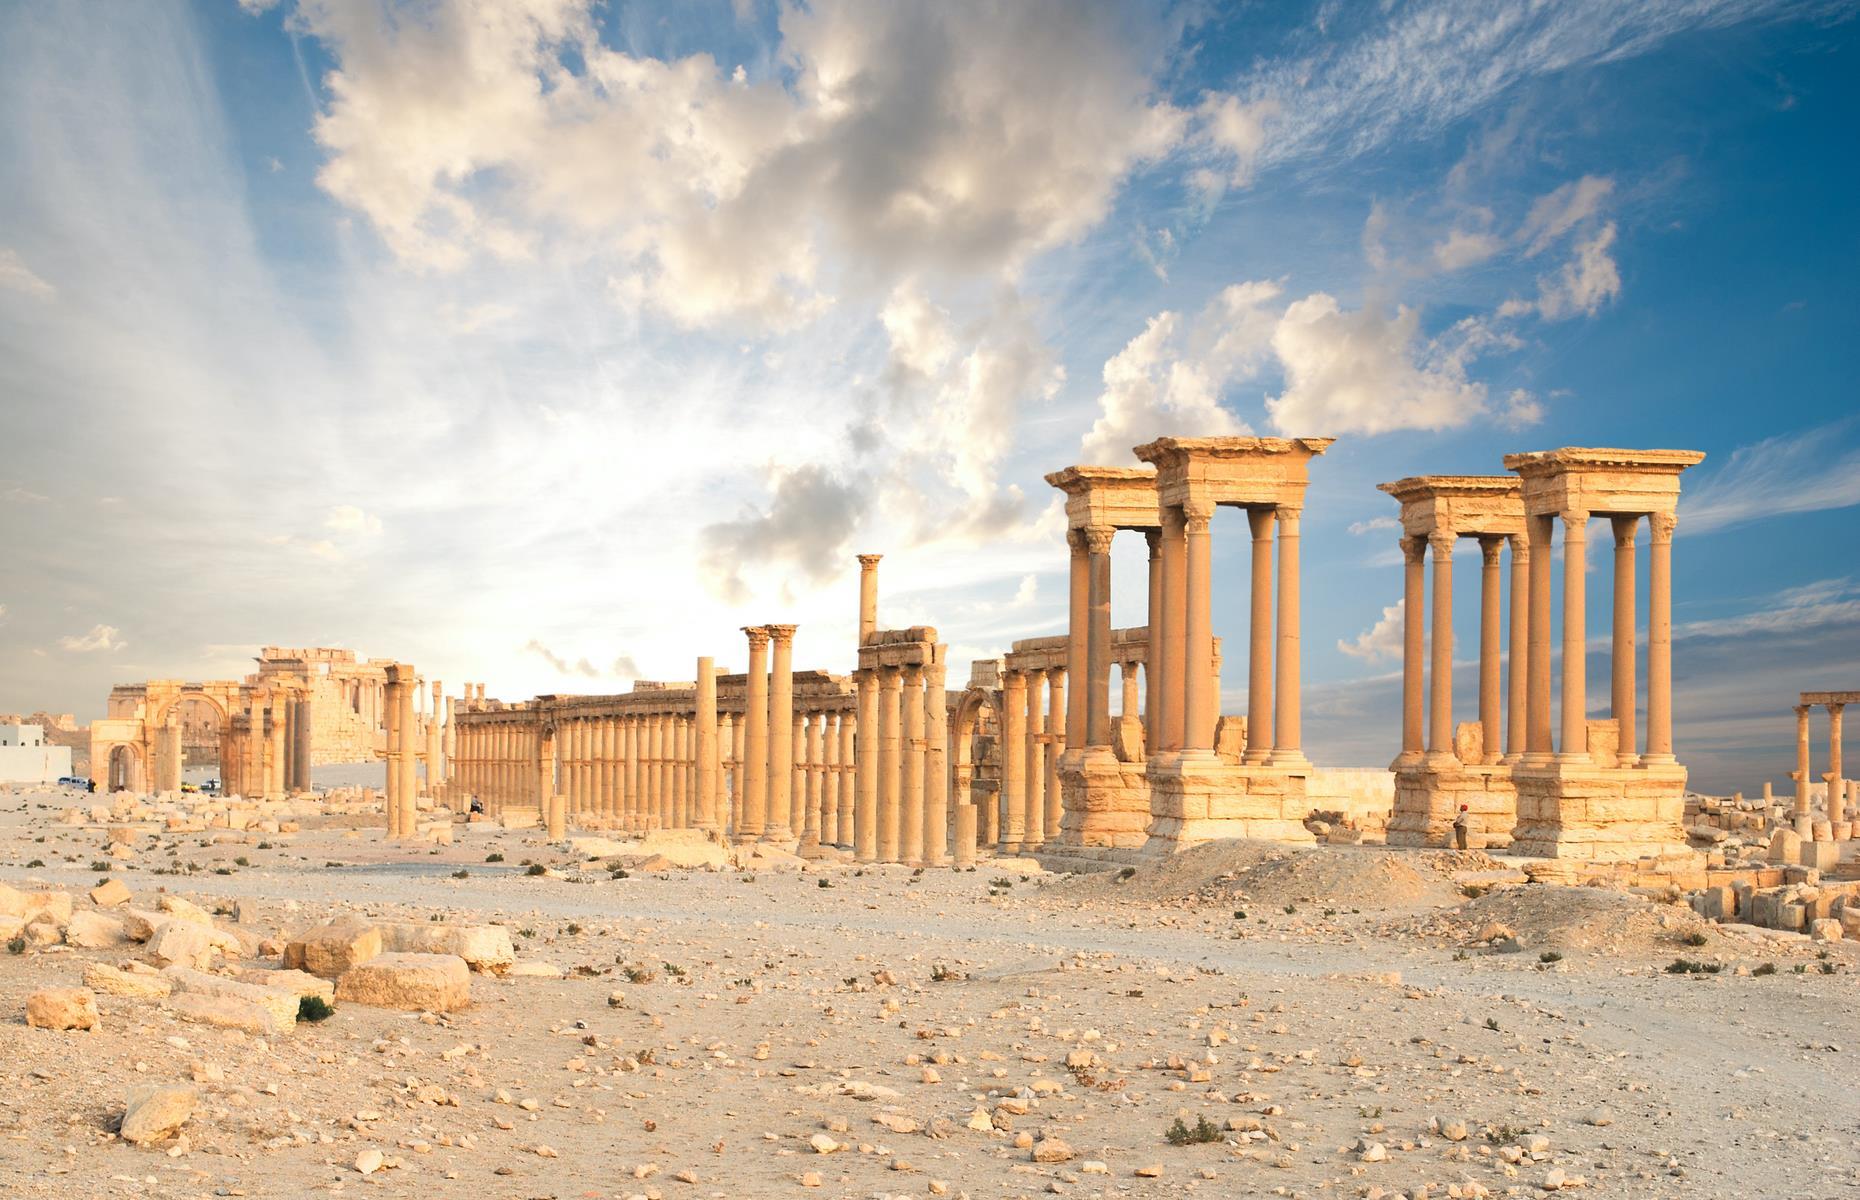 Chiêm ngưỡng những điểm đến cổ đại bị bỏ lỡ trên thế giới - Ảnh 2.